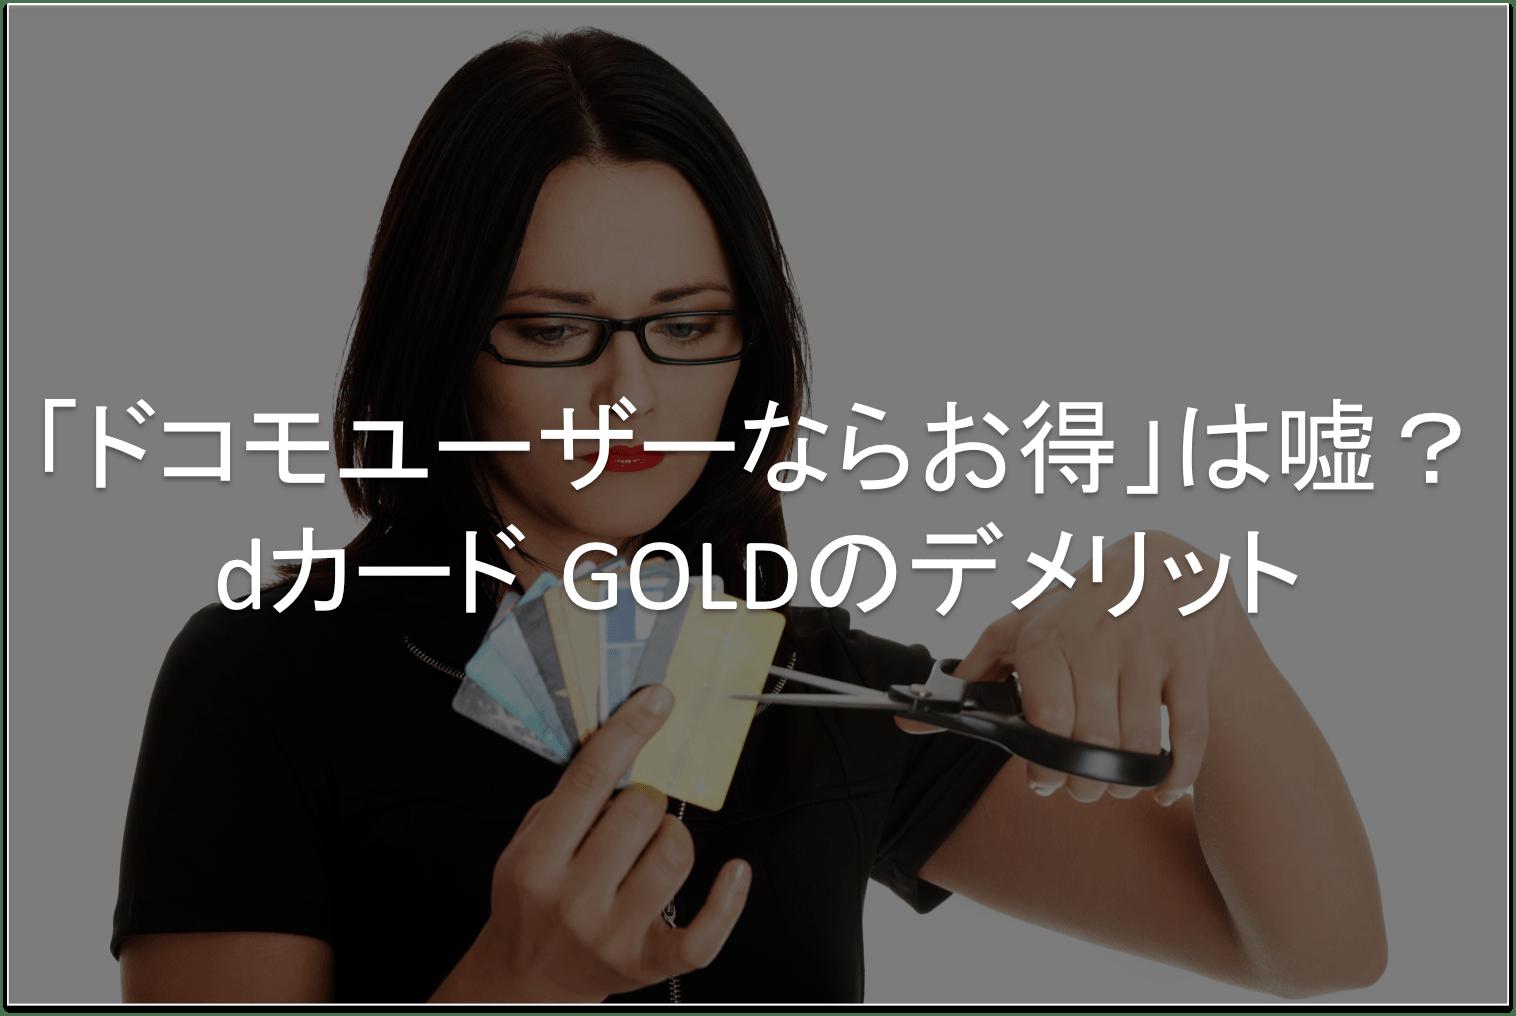 dカード GOLD デメリット